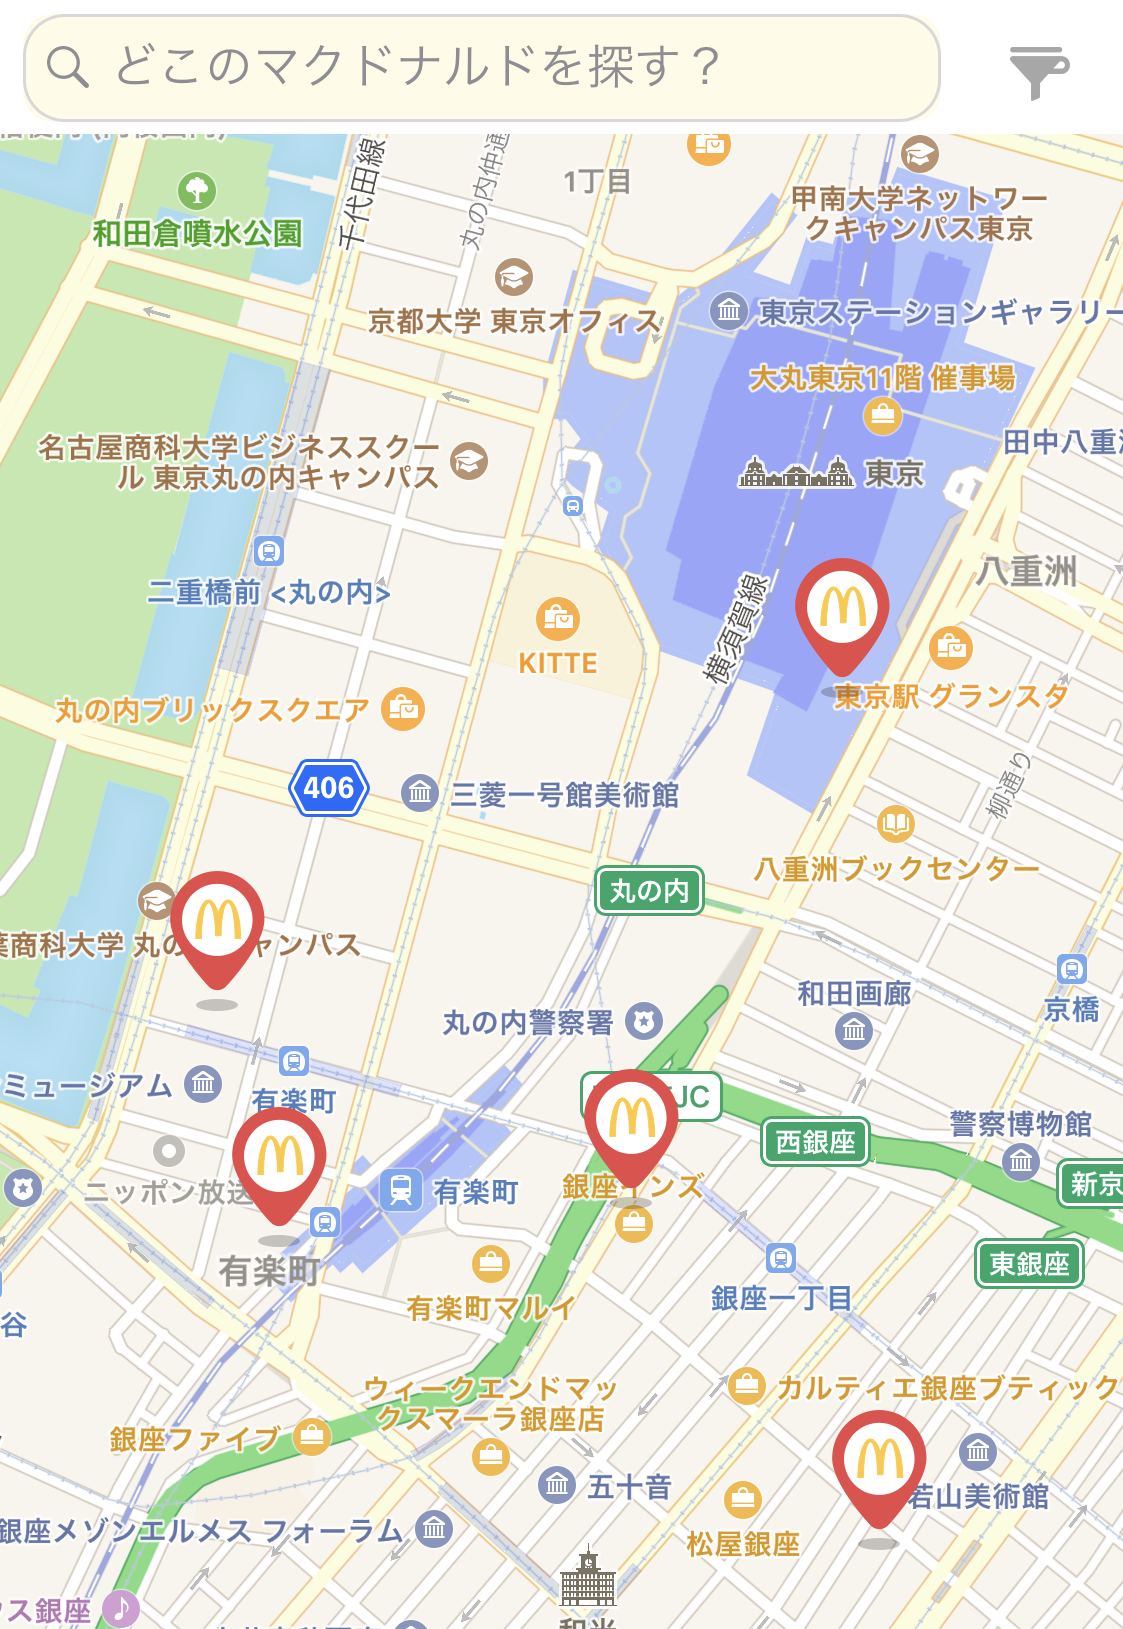 マクドナルドアプリの店舗検索